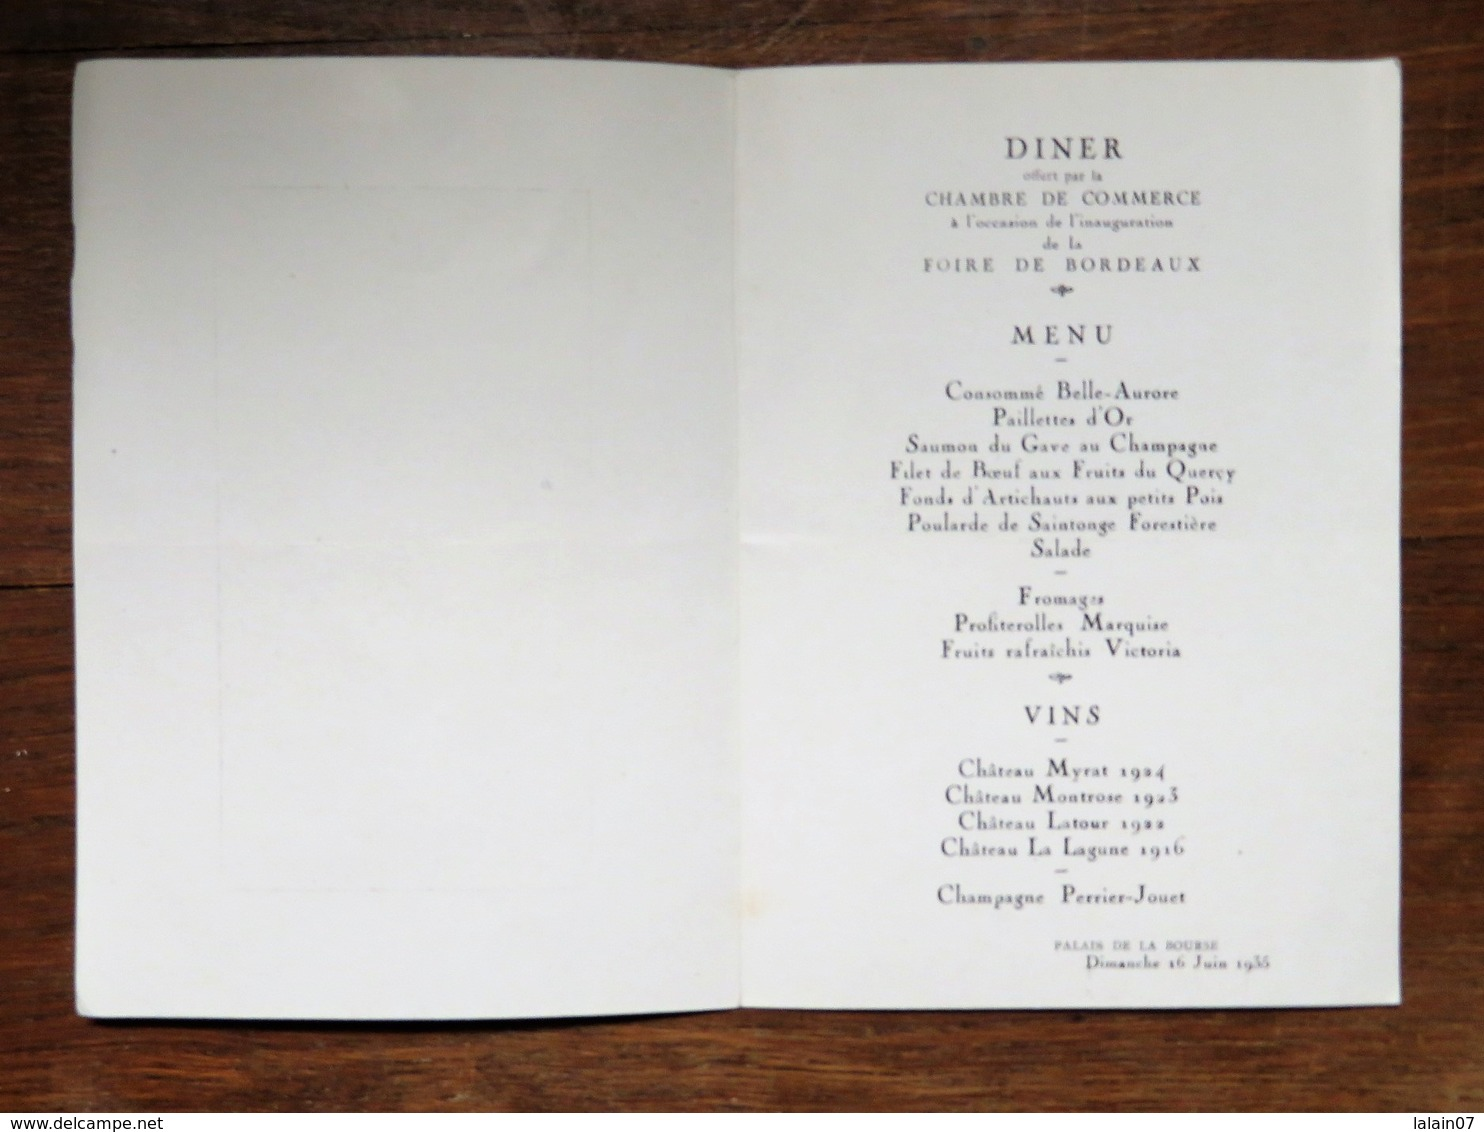 Menu : Diner Offert Par La Chambre De Commerce à L'occasion De L'inauguration De La Foire De BORDEAUX, Le 16 Juin 1935 - Menus